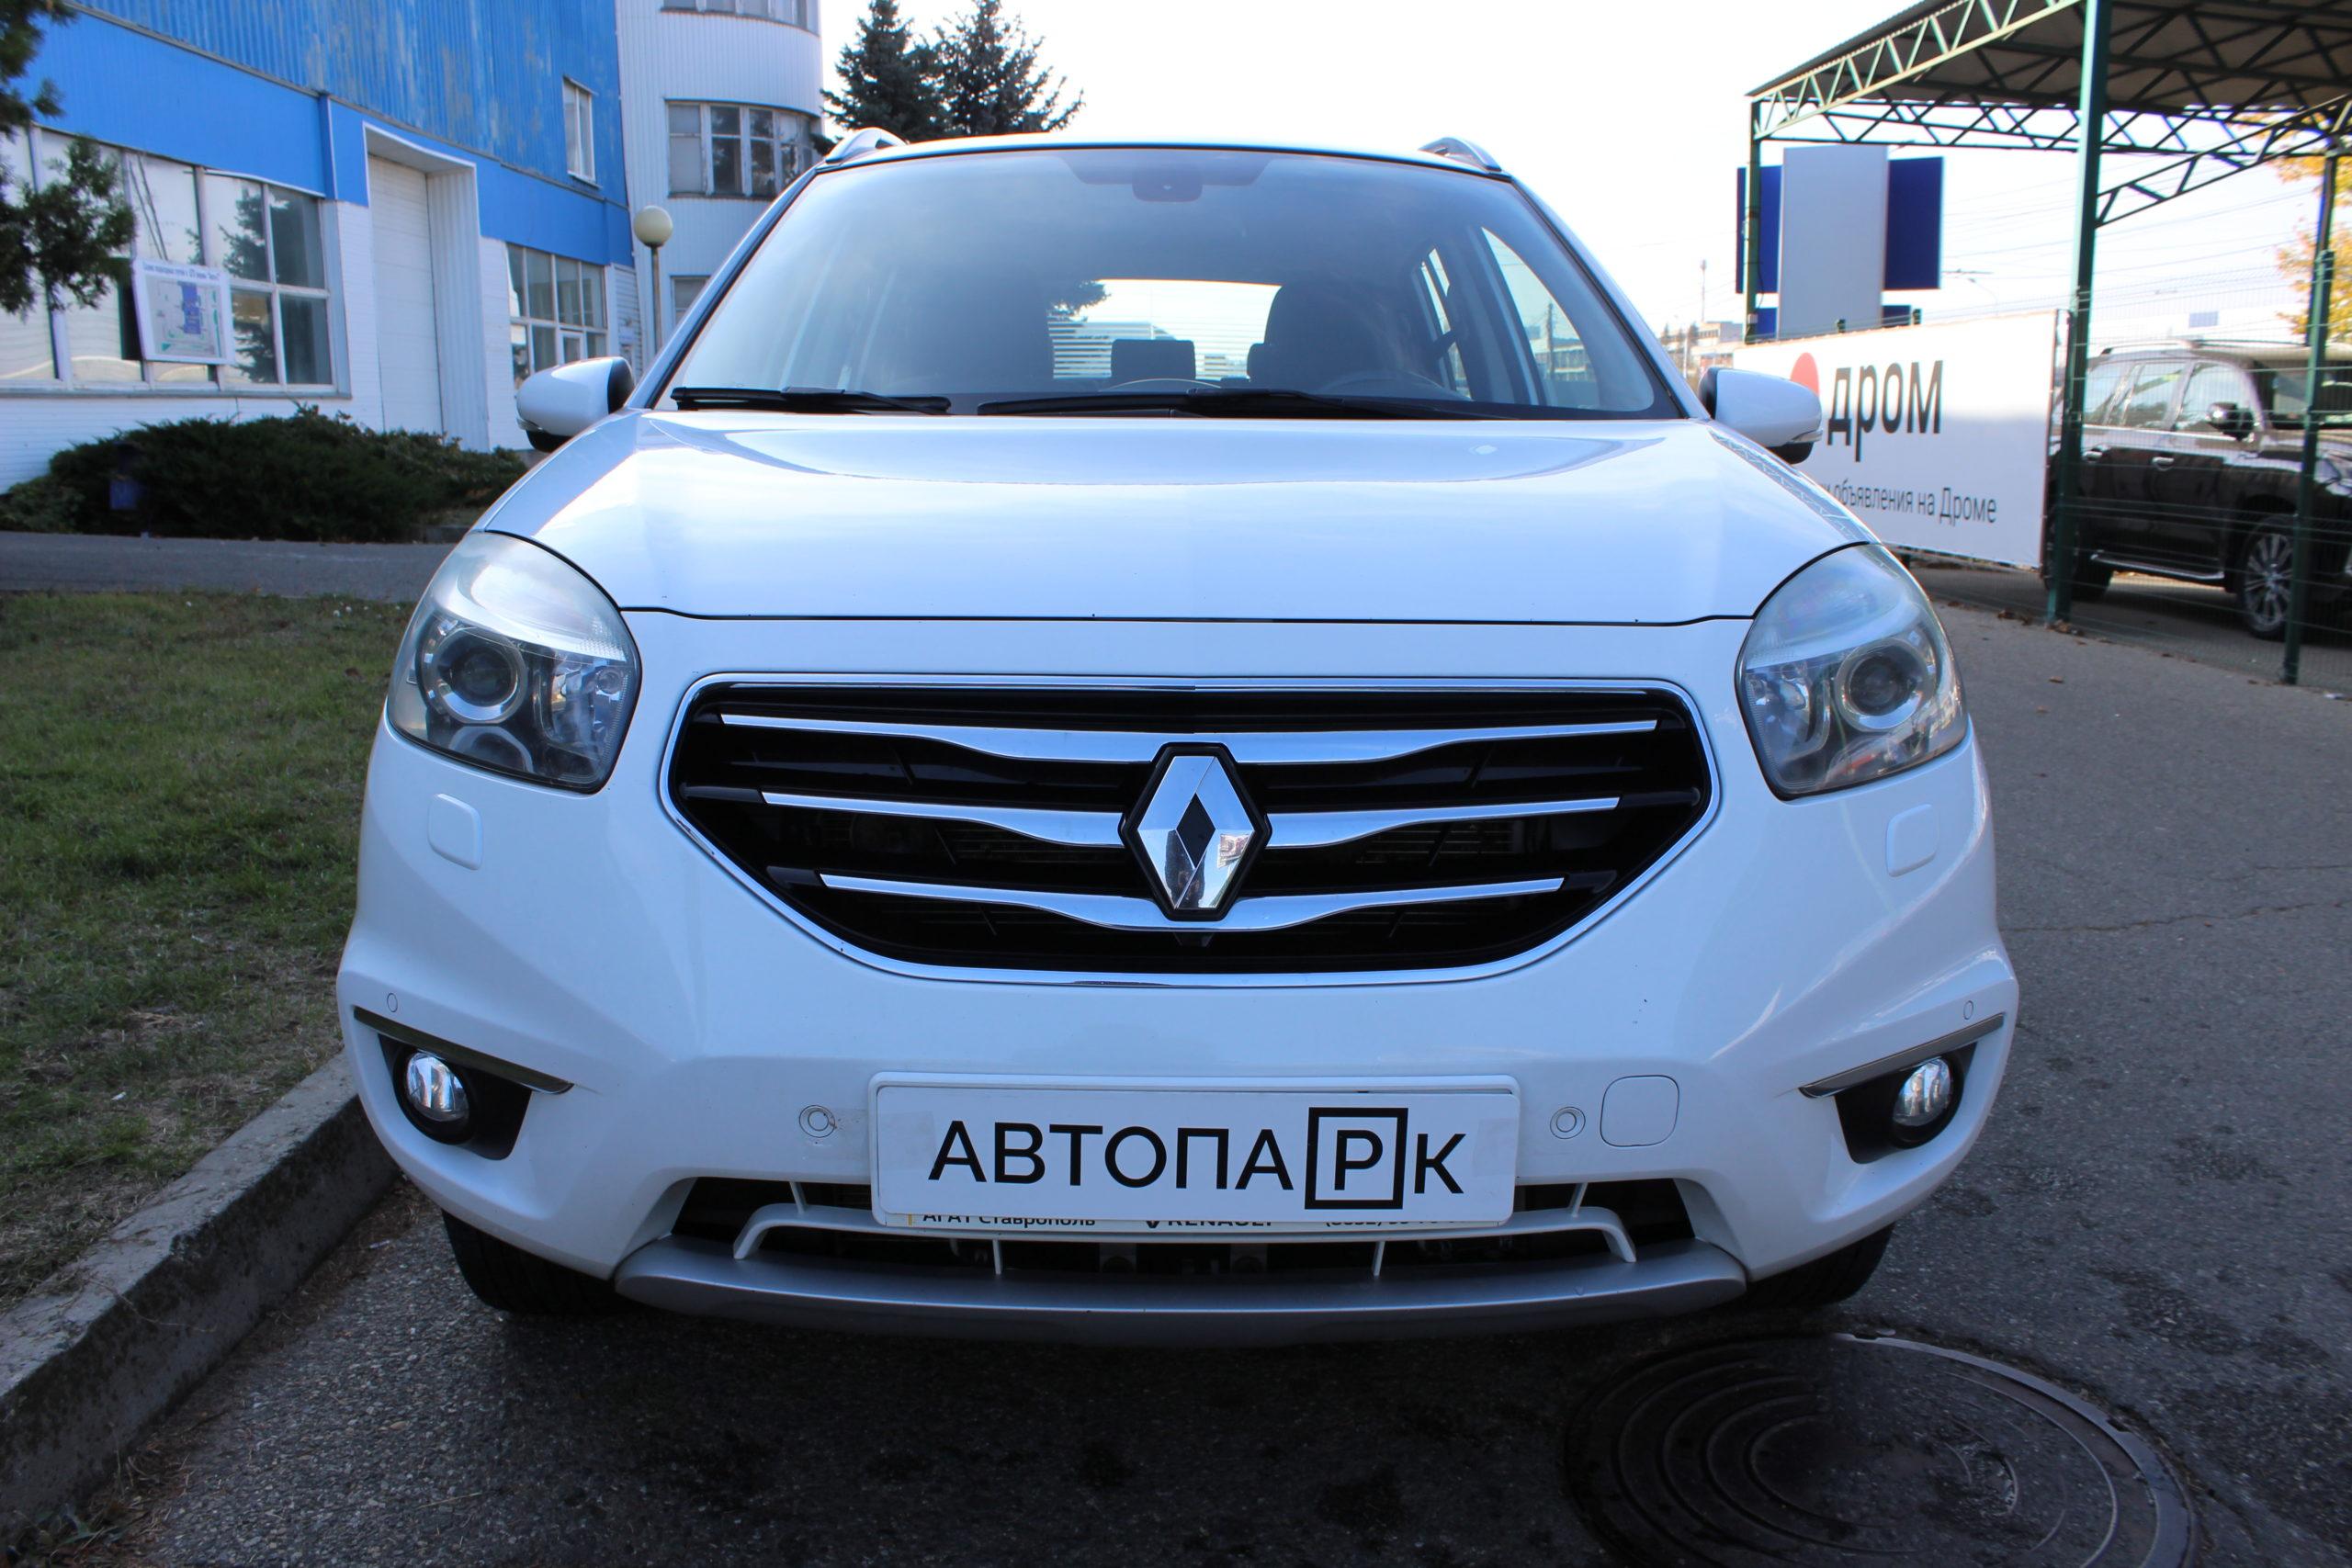 Купить Renault Koleos (Белый) - Автопарк Ставрополь